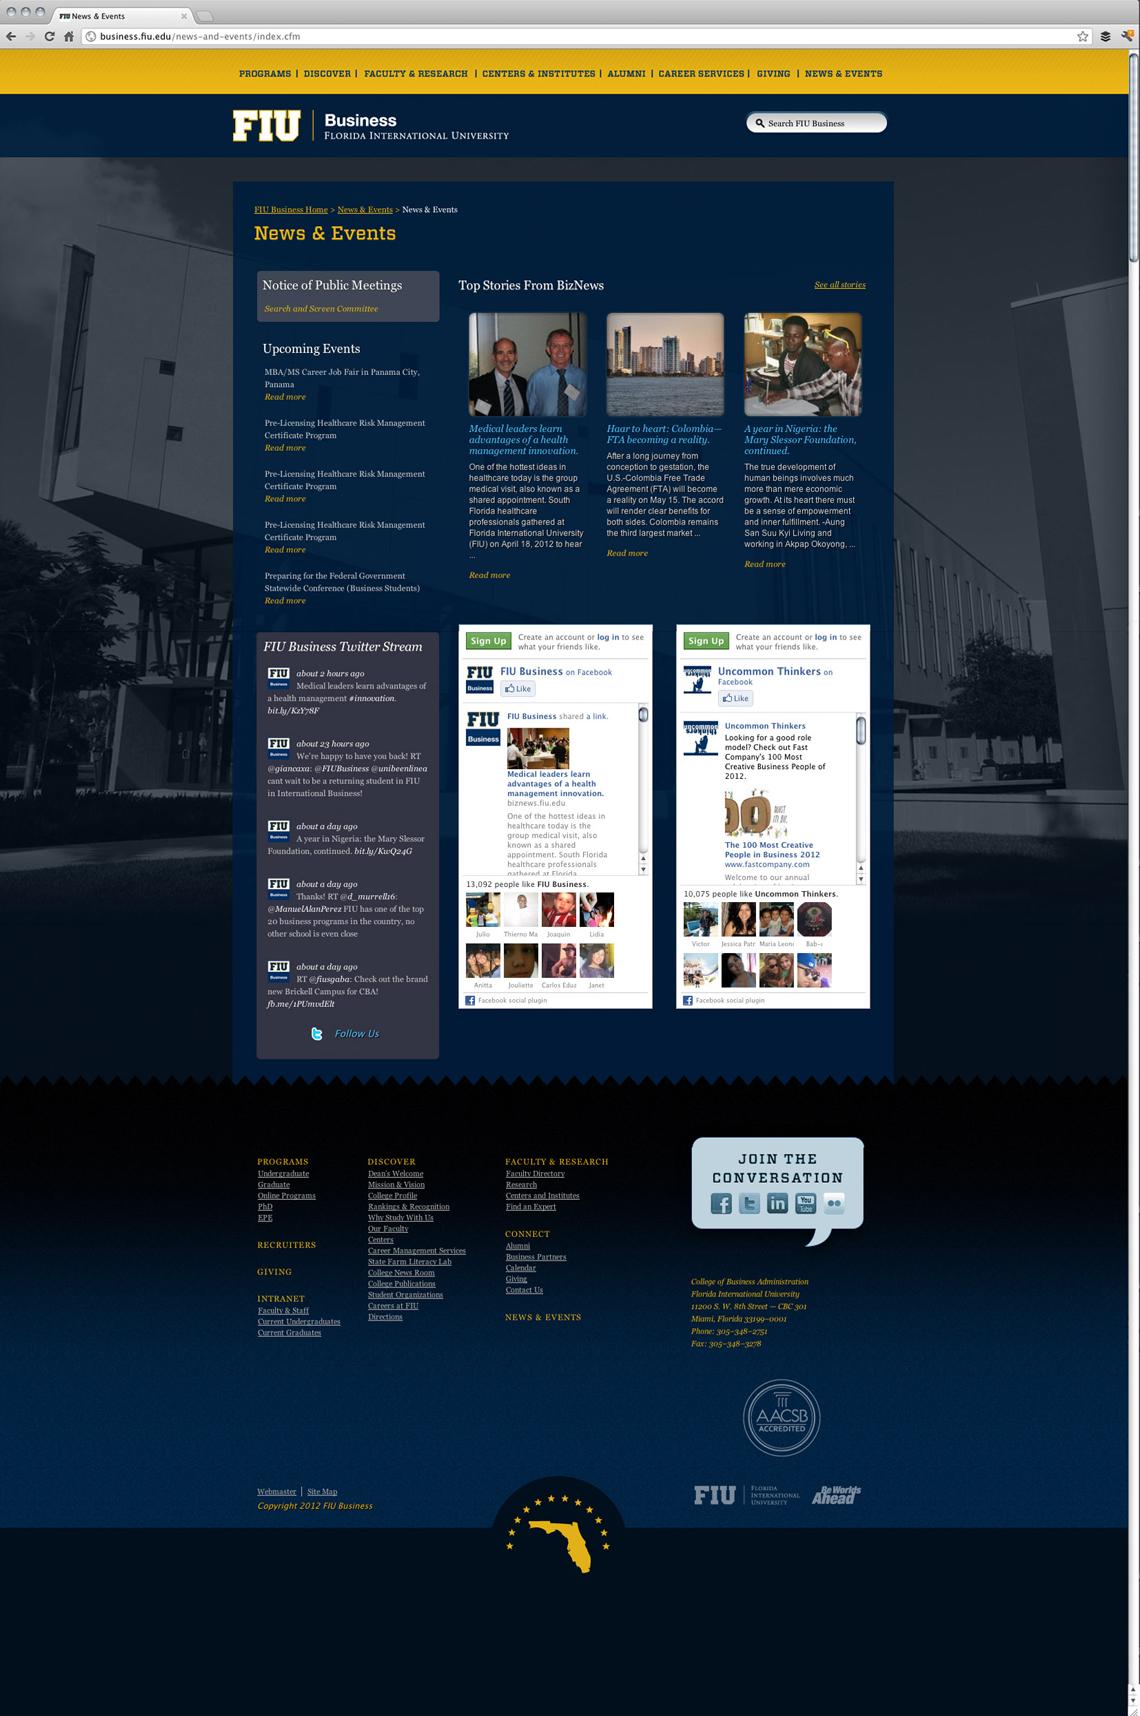 FIU Business Website Design News & Event Page